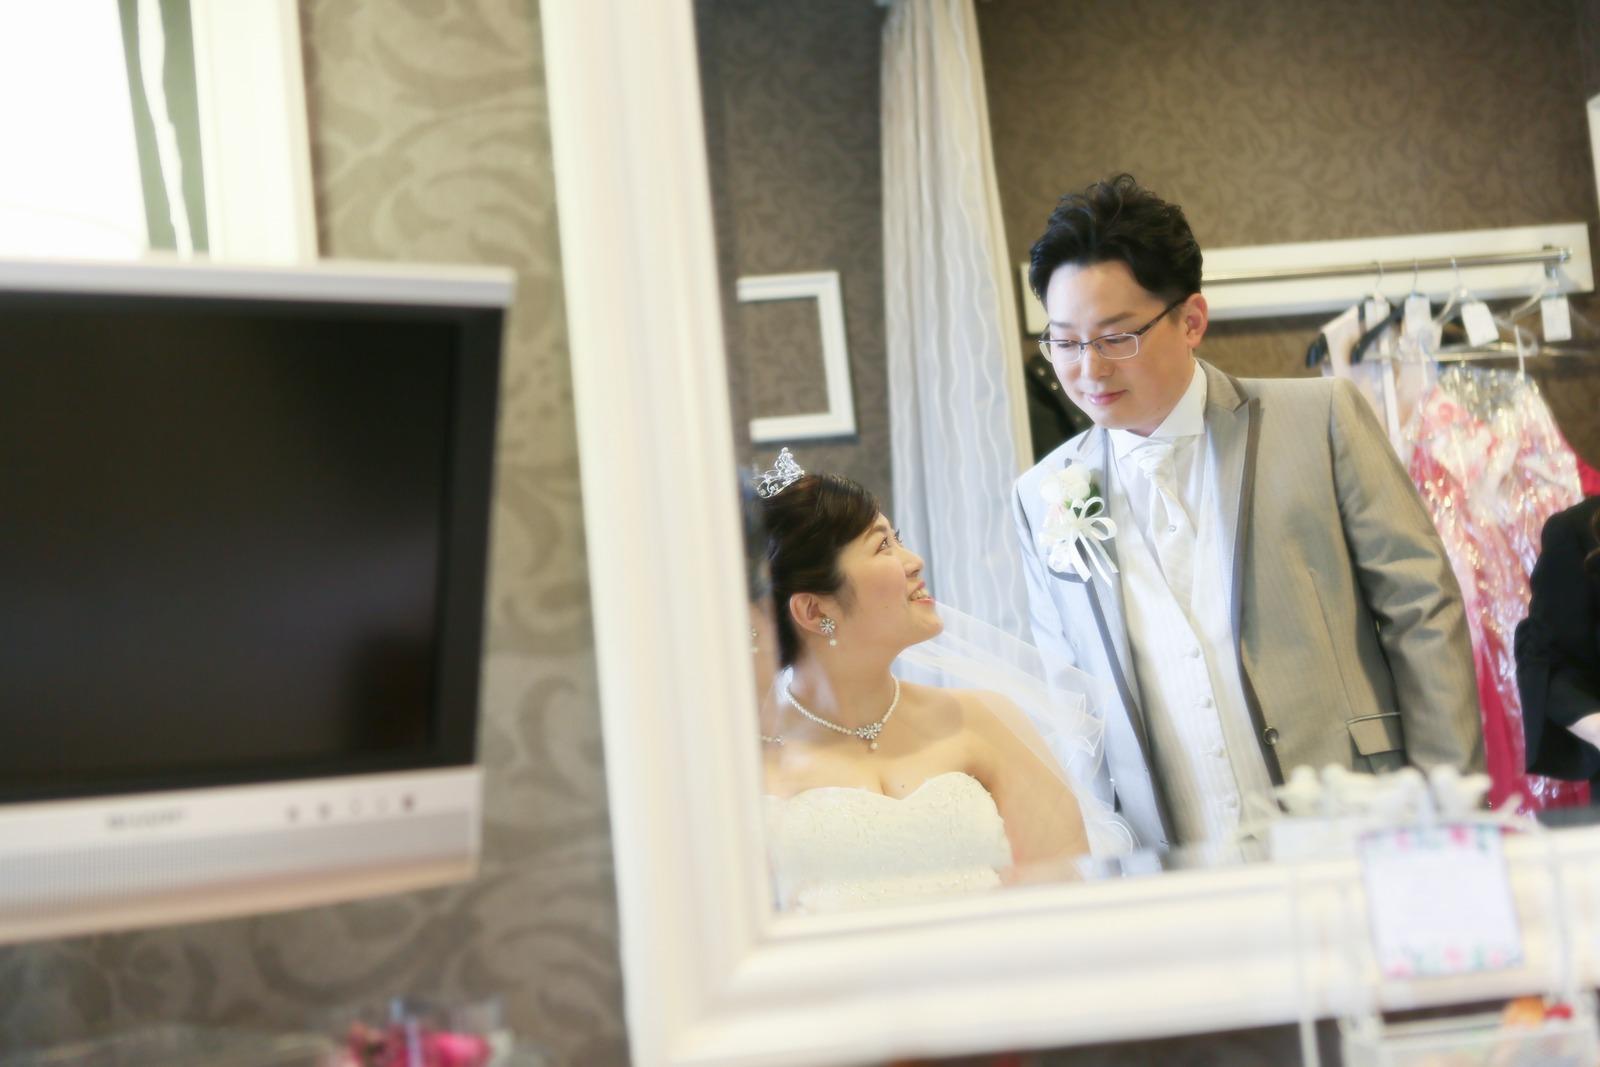 徳島市の結婚式場ブランアンジュで控室で見つめ合う新郎新婦